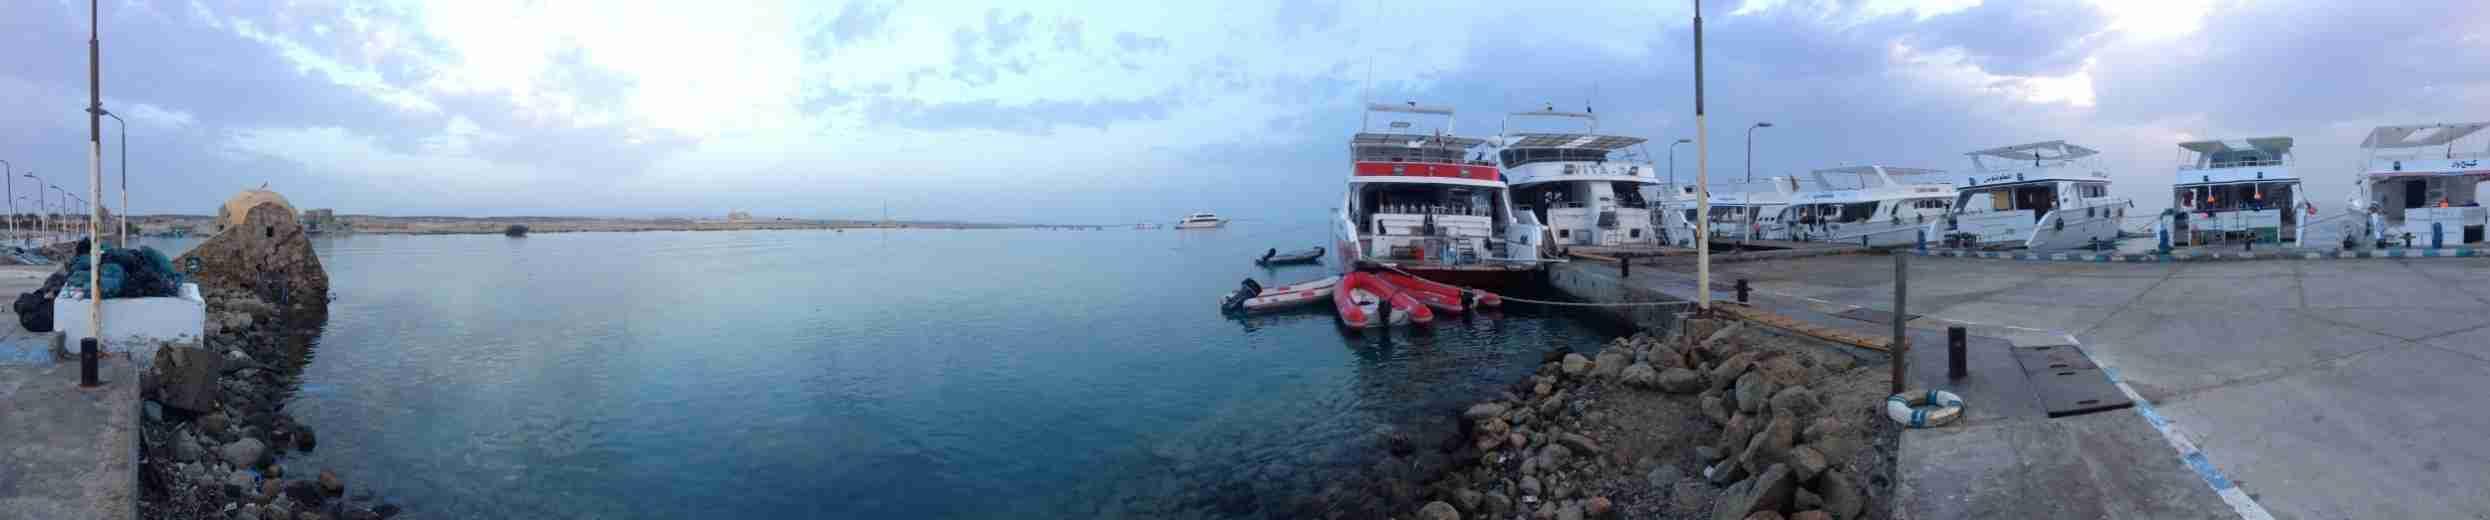 Фотография в порту с дайвинг яхтами